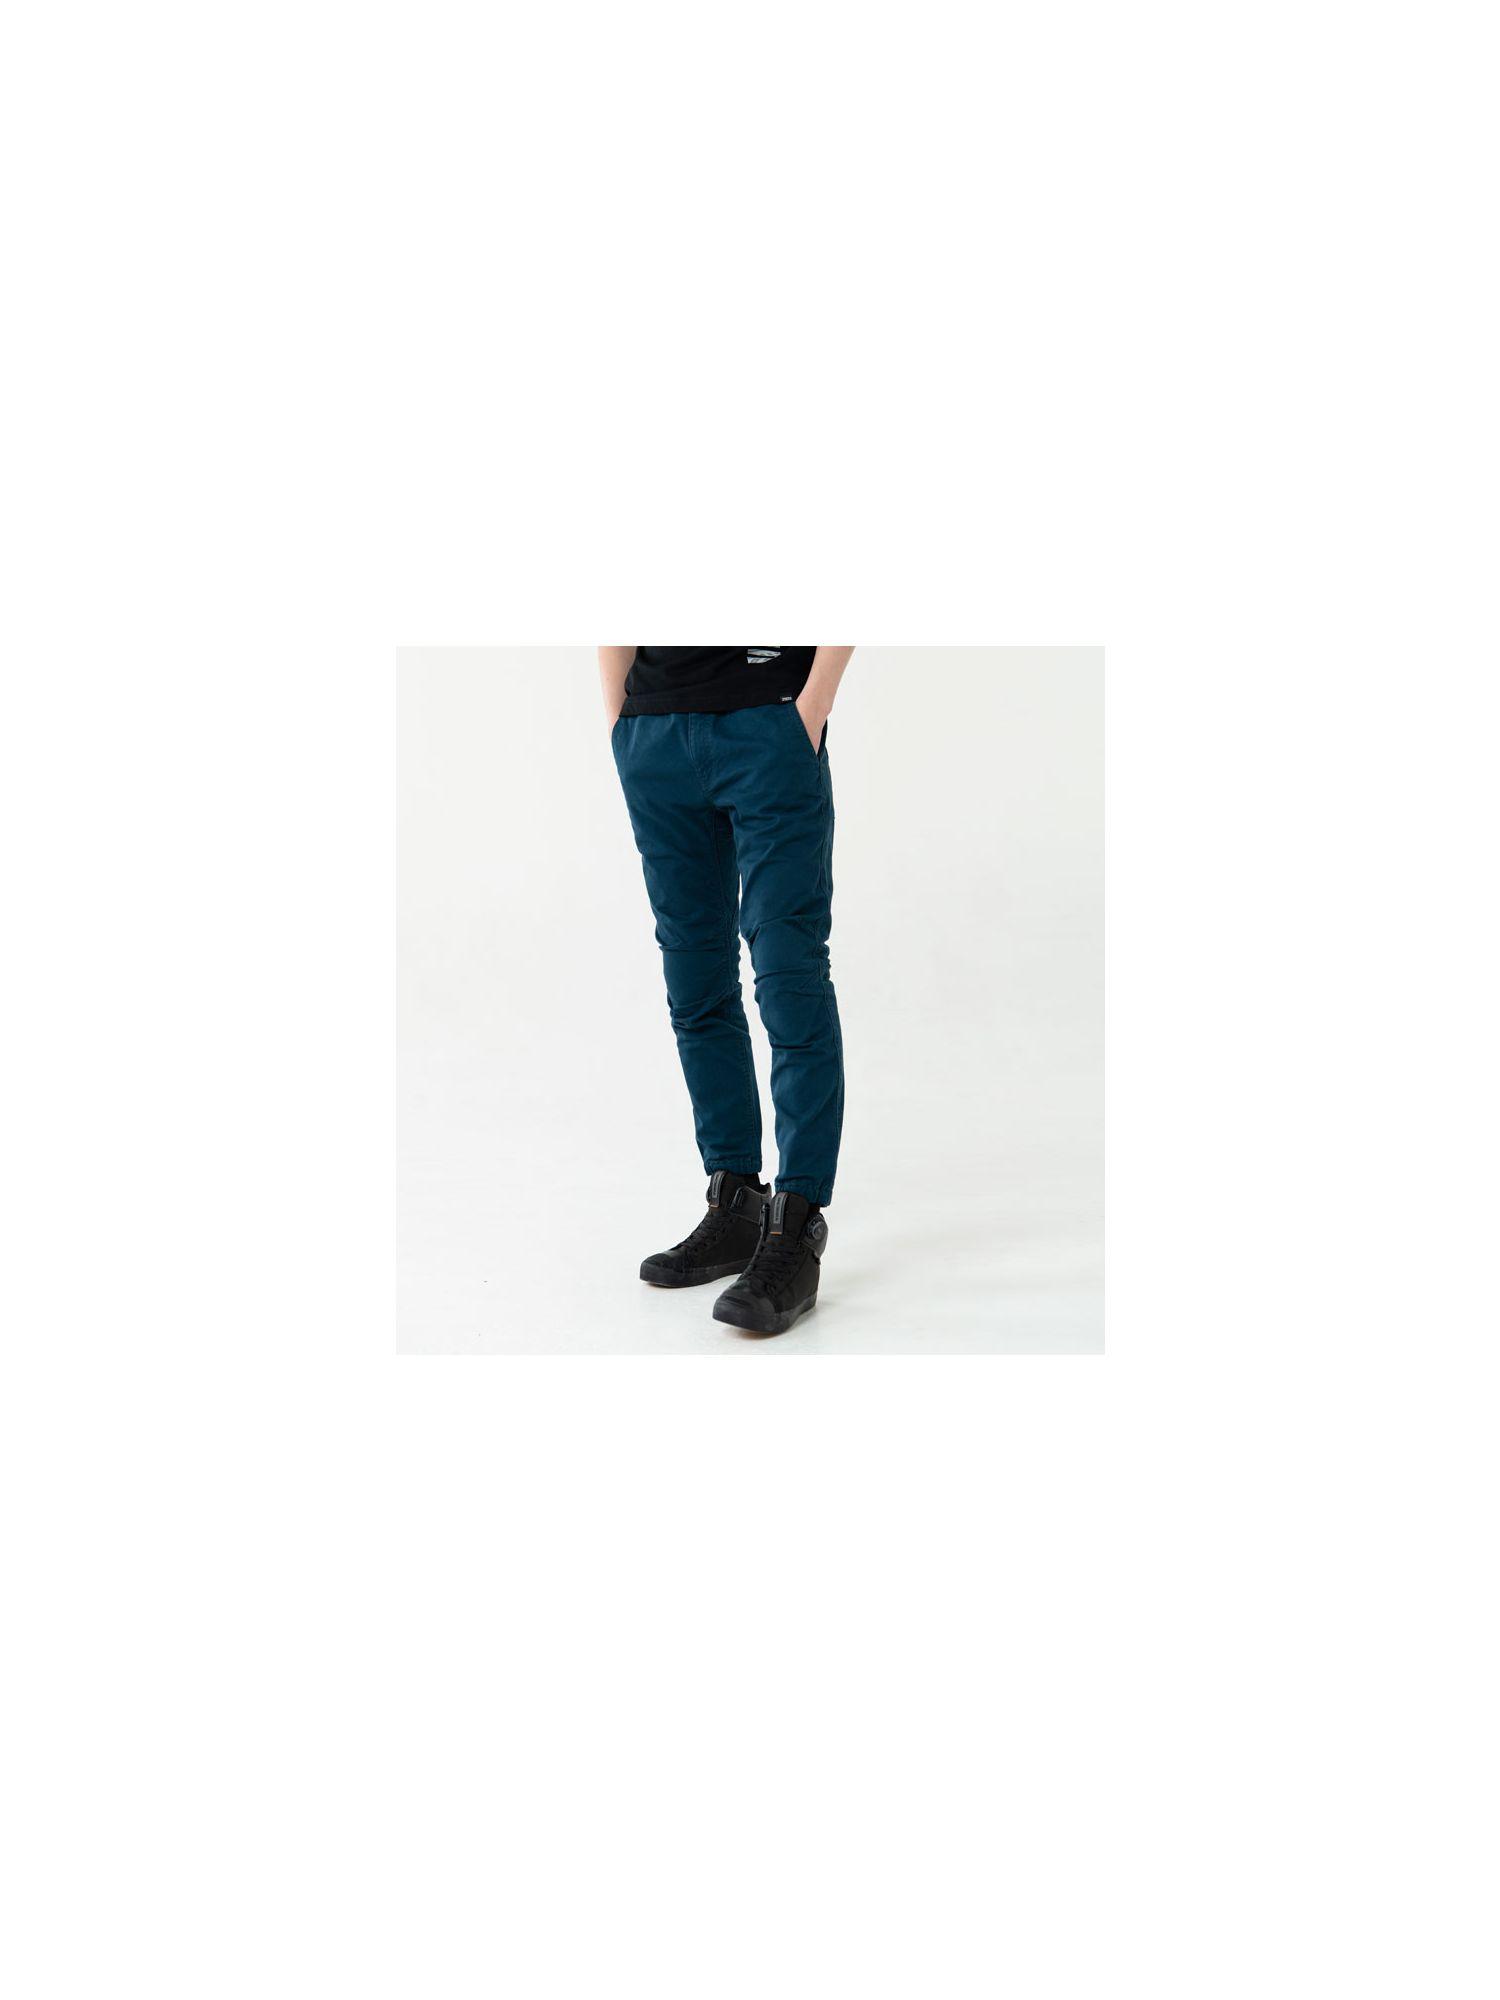 RSY262|コーデュラ ジョガーパンツ[5colors]